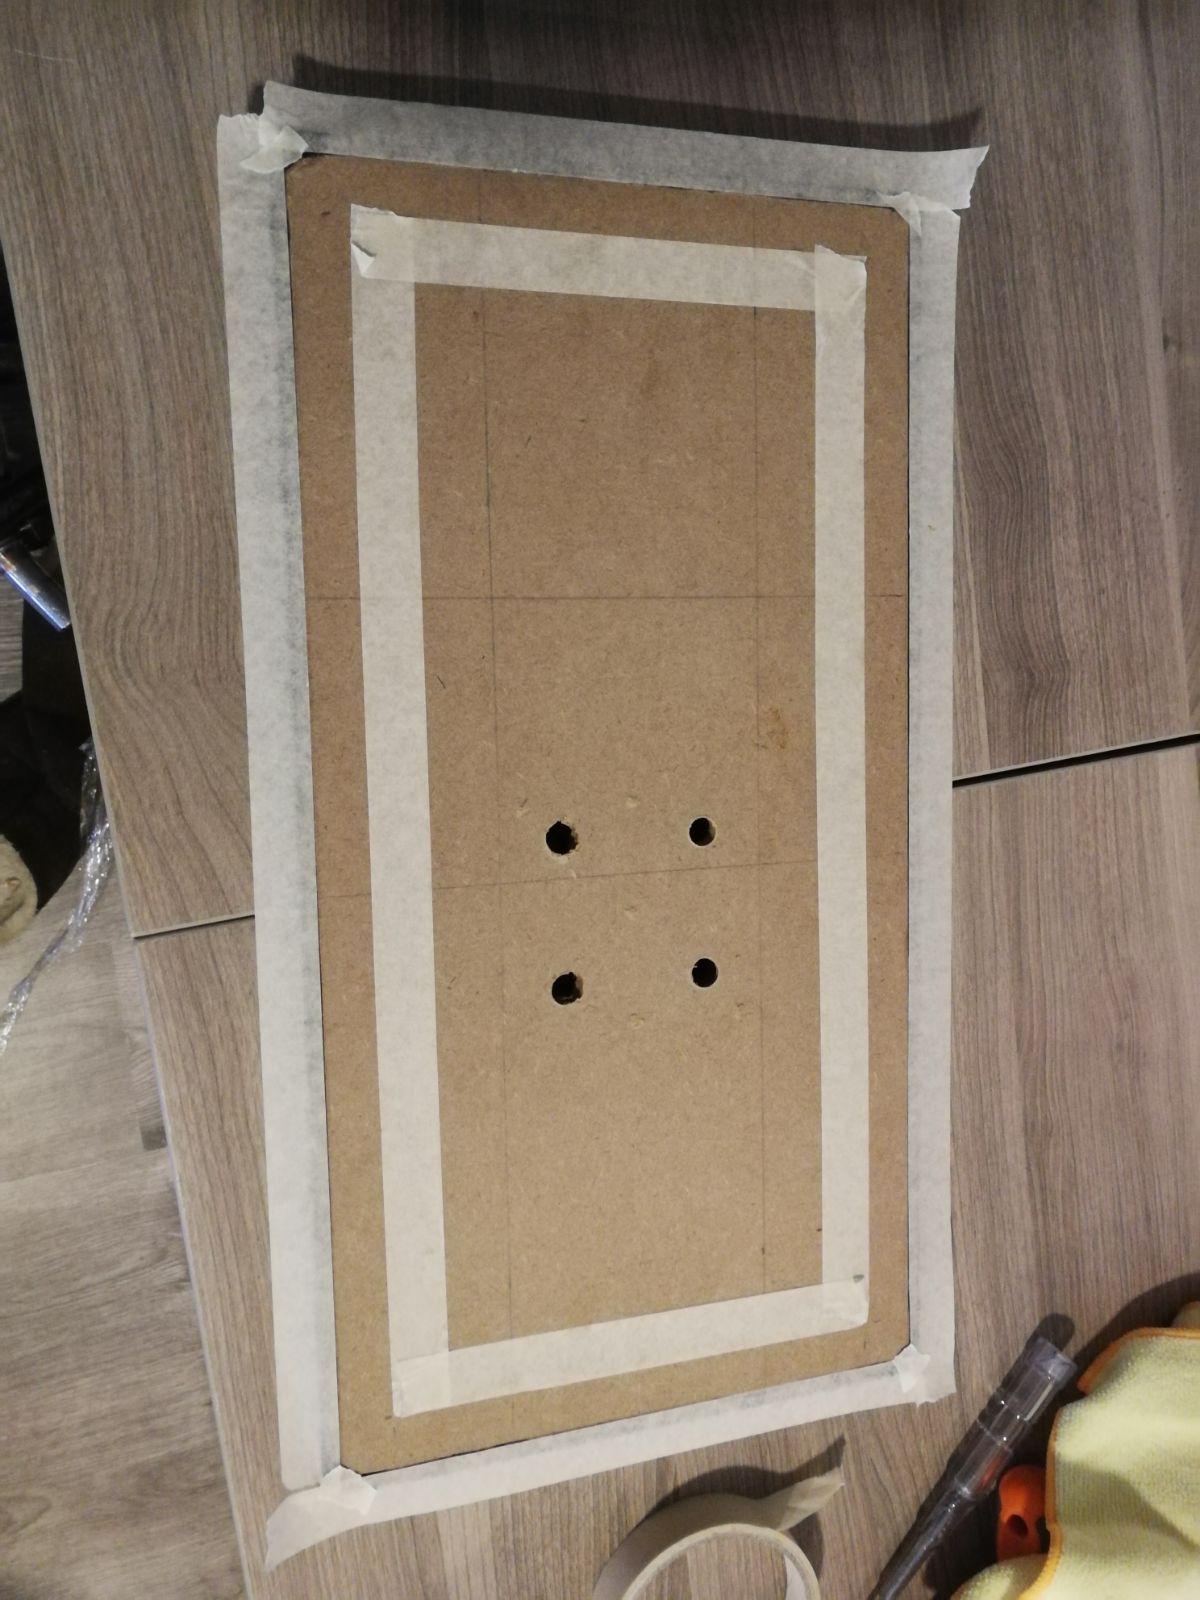 Construcción Monitores 2 vías - Página 2 2664bb03_31f0_49c6_a554_a730135c2a2e